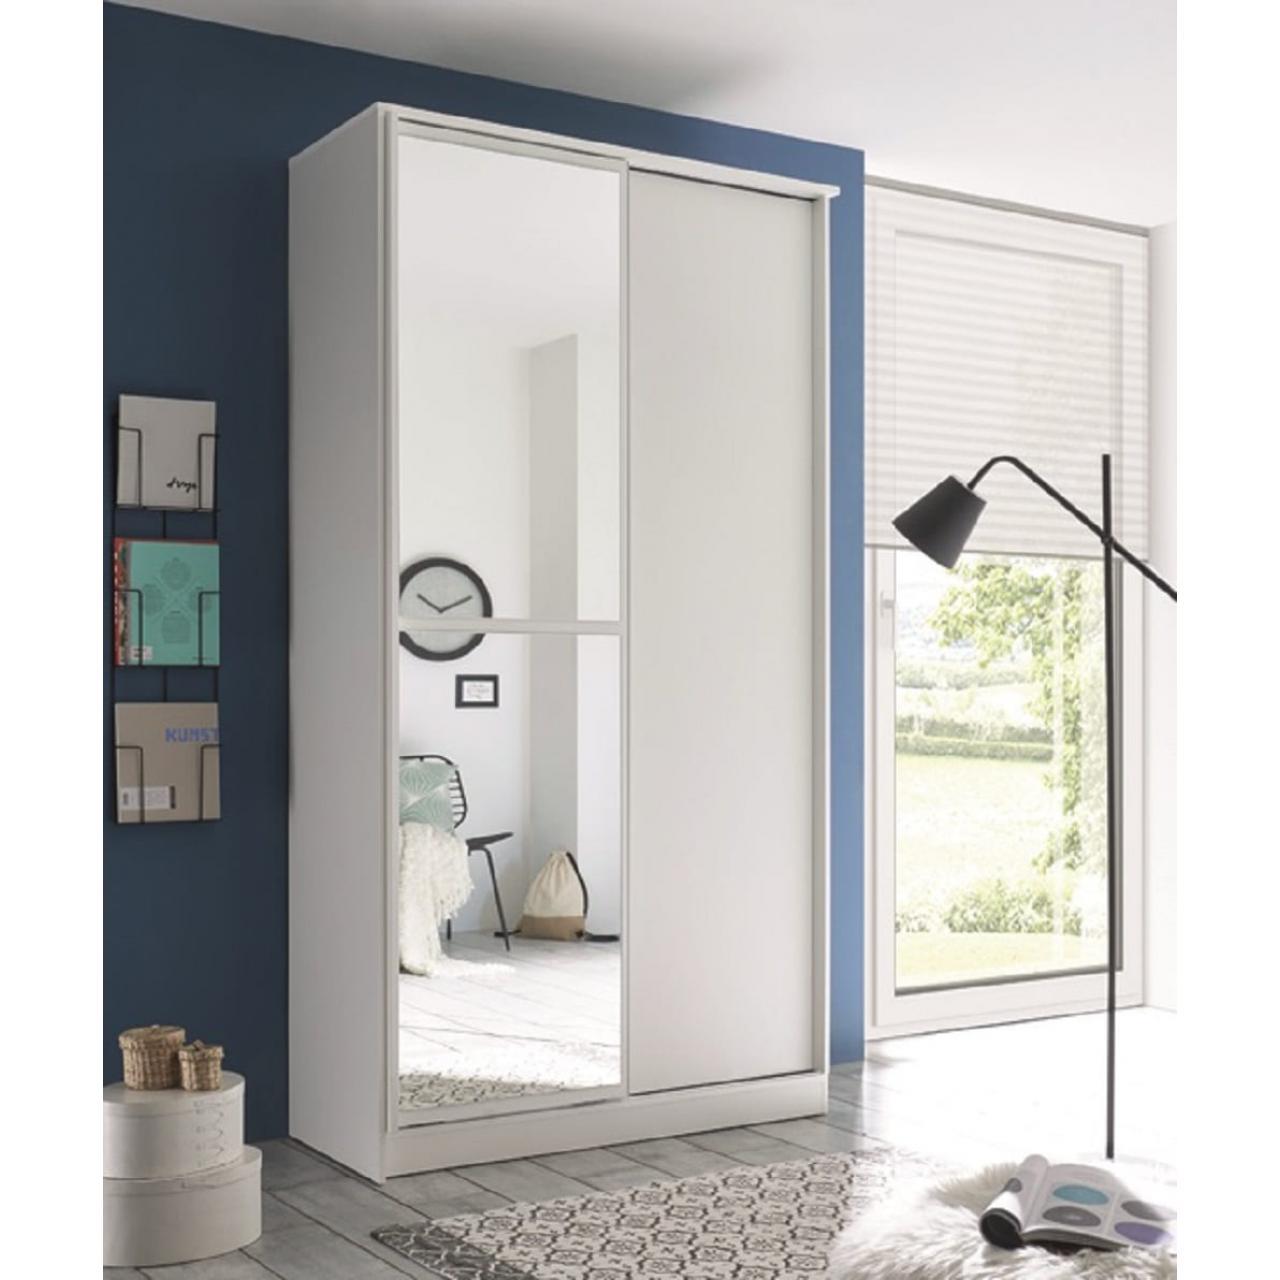 Schwebetürenschrank Aledo Weiß 2-türig Kleiderschrank 120 x 220 x 45 cm Mit Spiegel